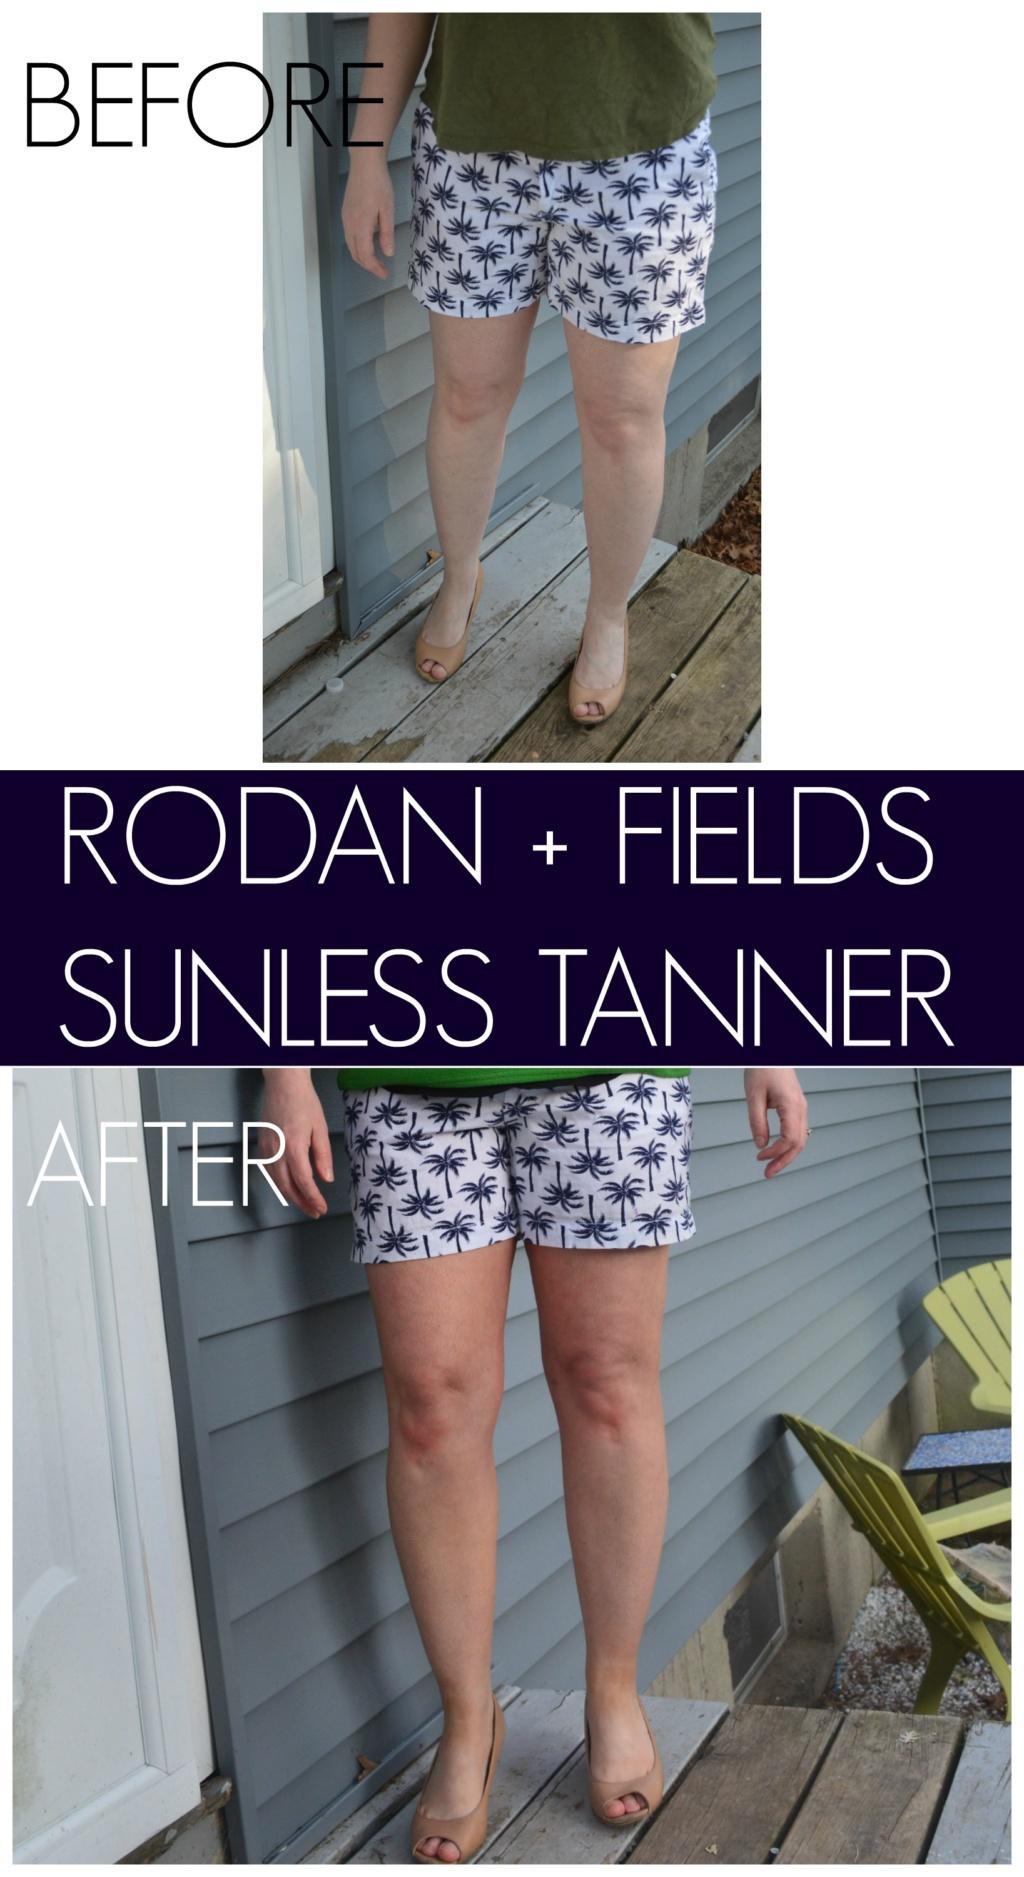 I Tried It – Rodan & Fields Sunless Tanner